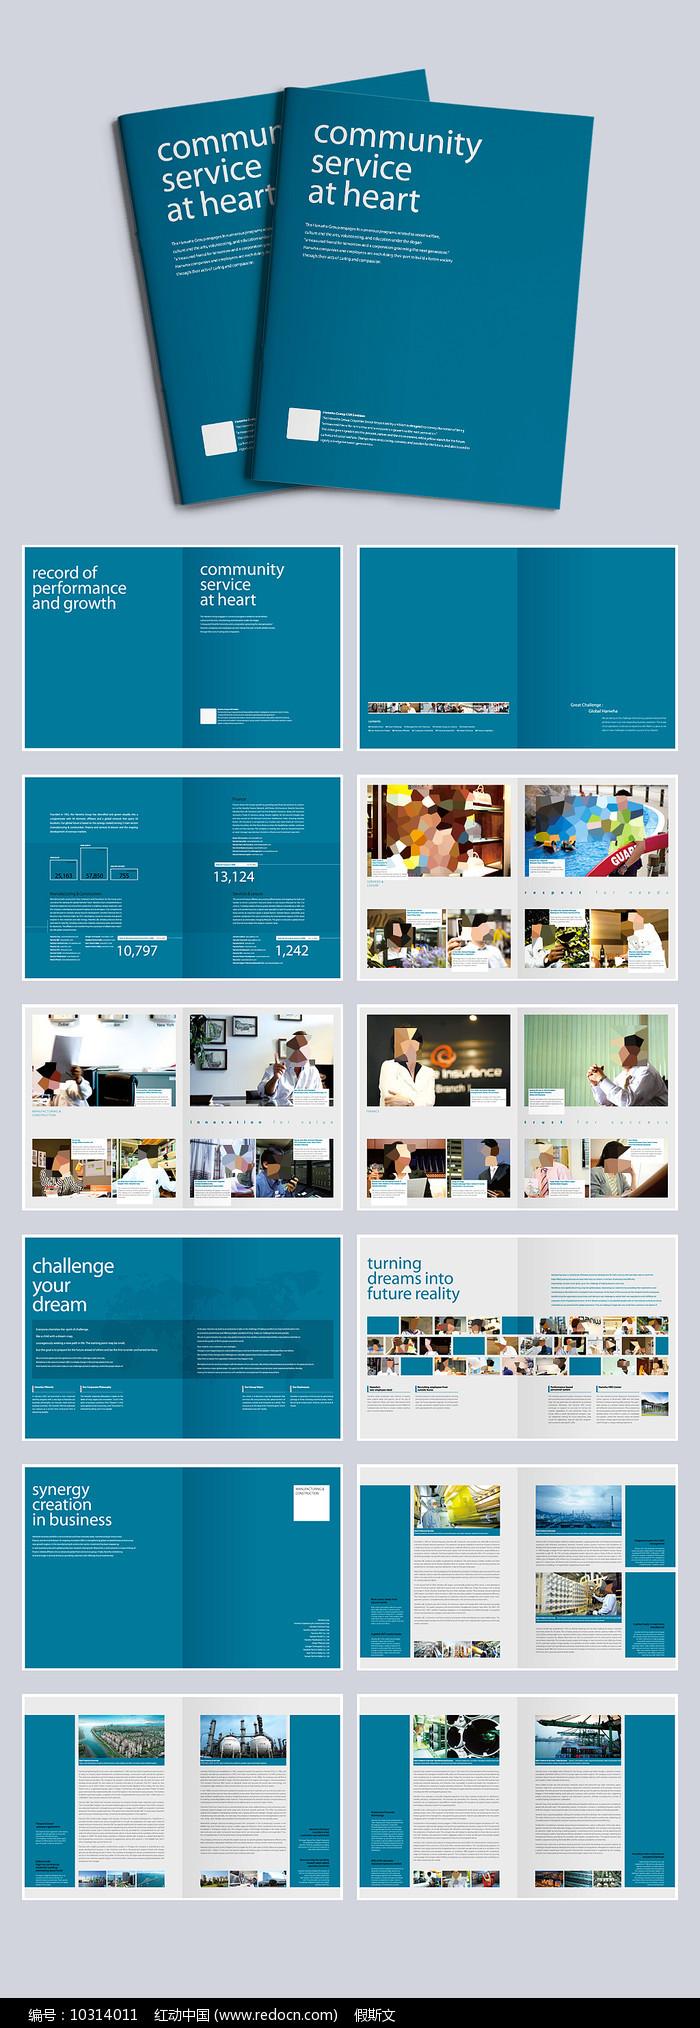 海外留学机构招生宣传册设计模板图片